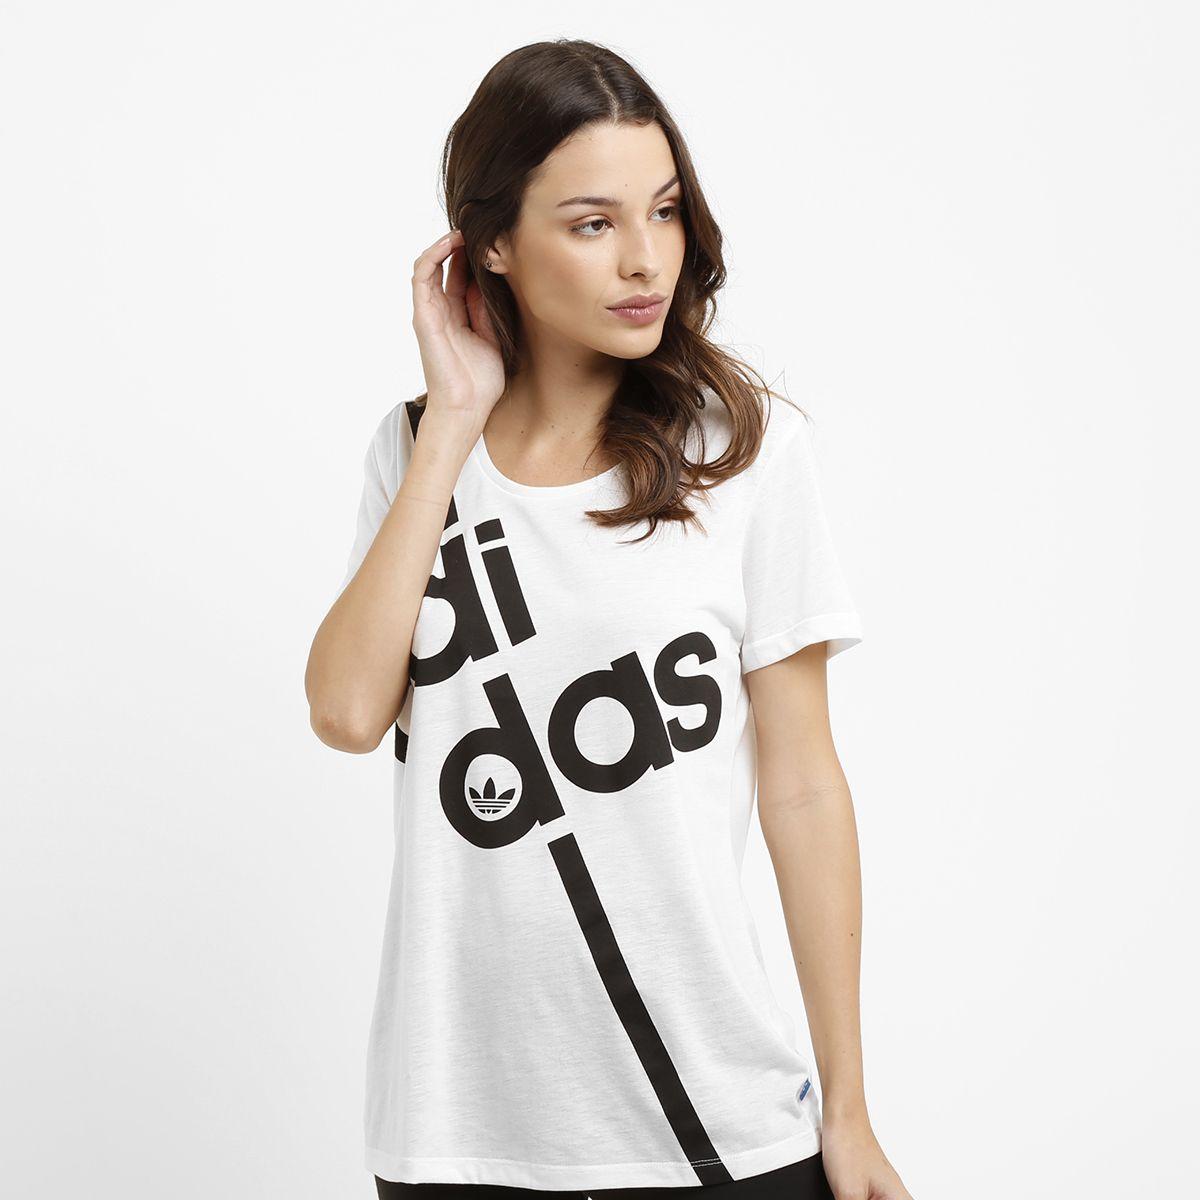 Camiseta Adidas Fashion Graphic Branco   Netshoes